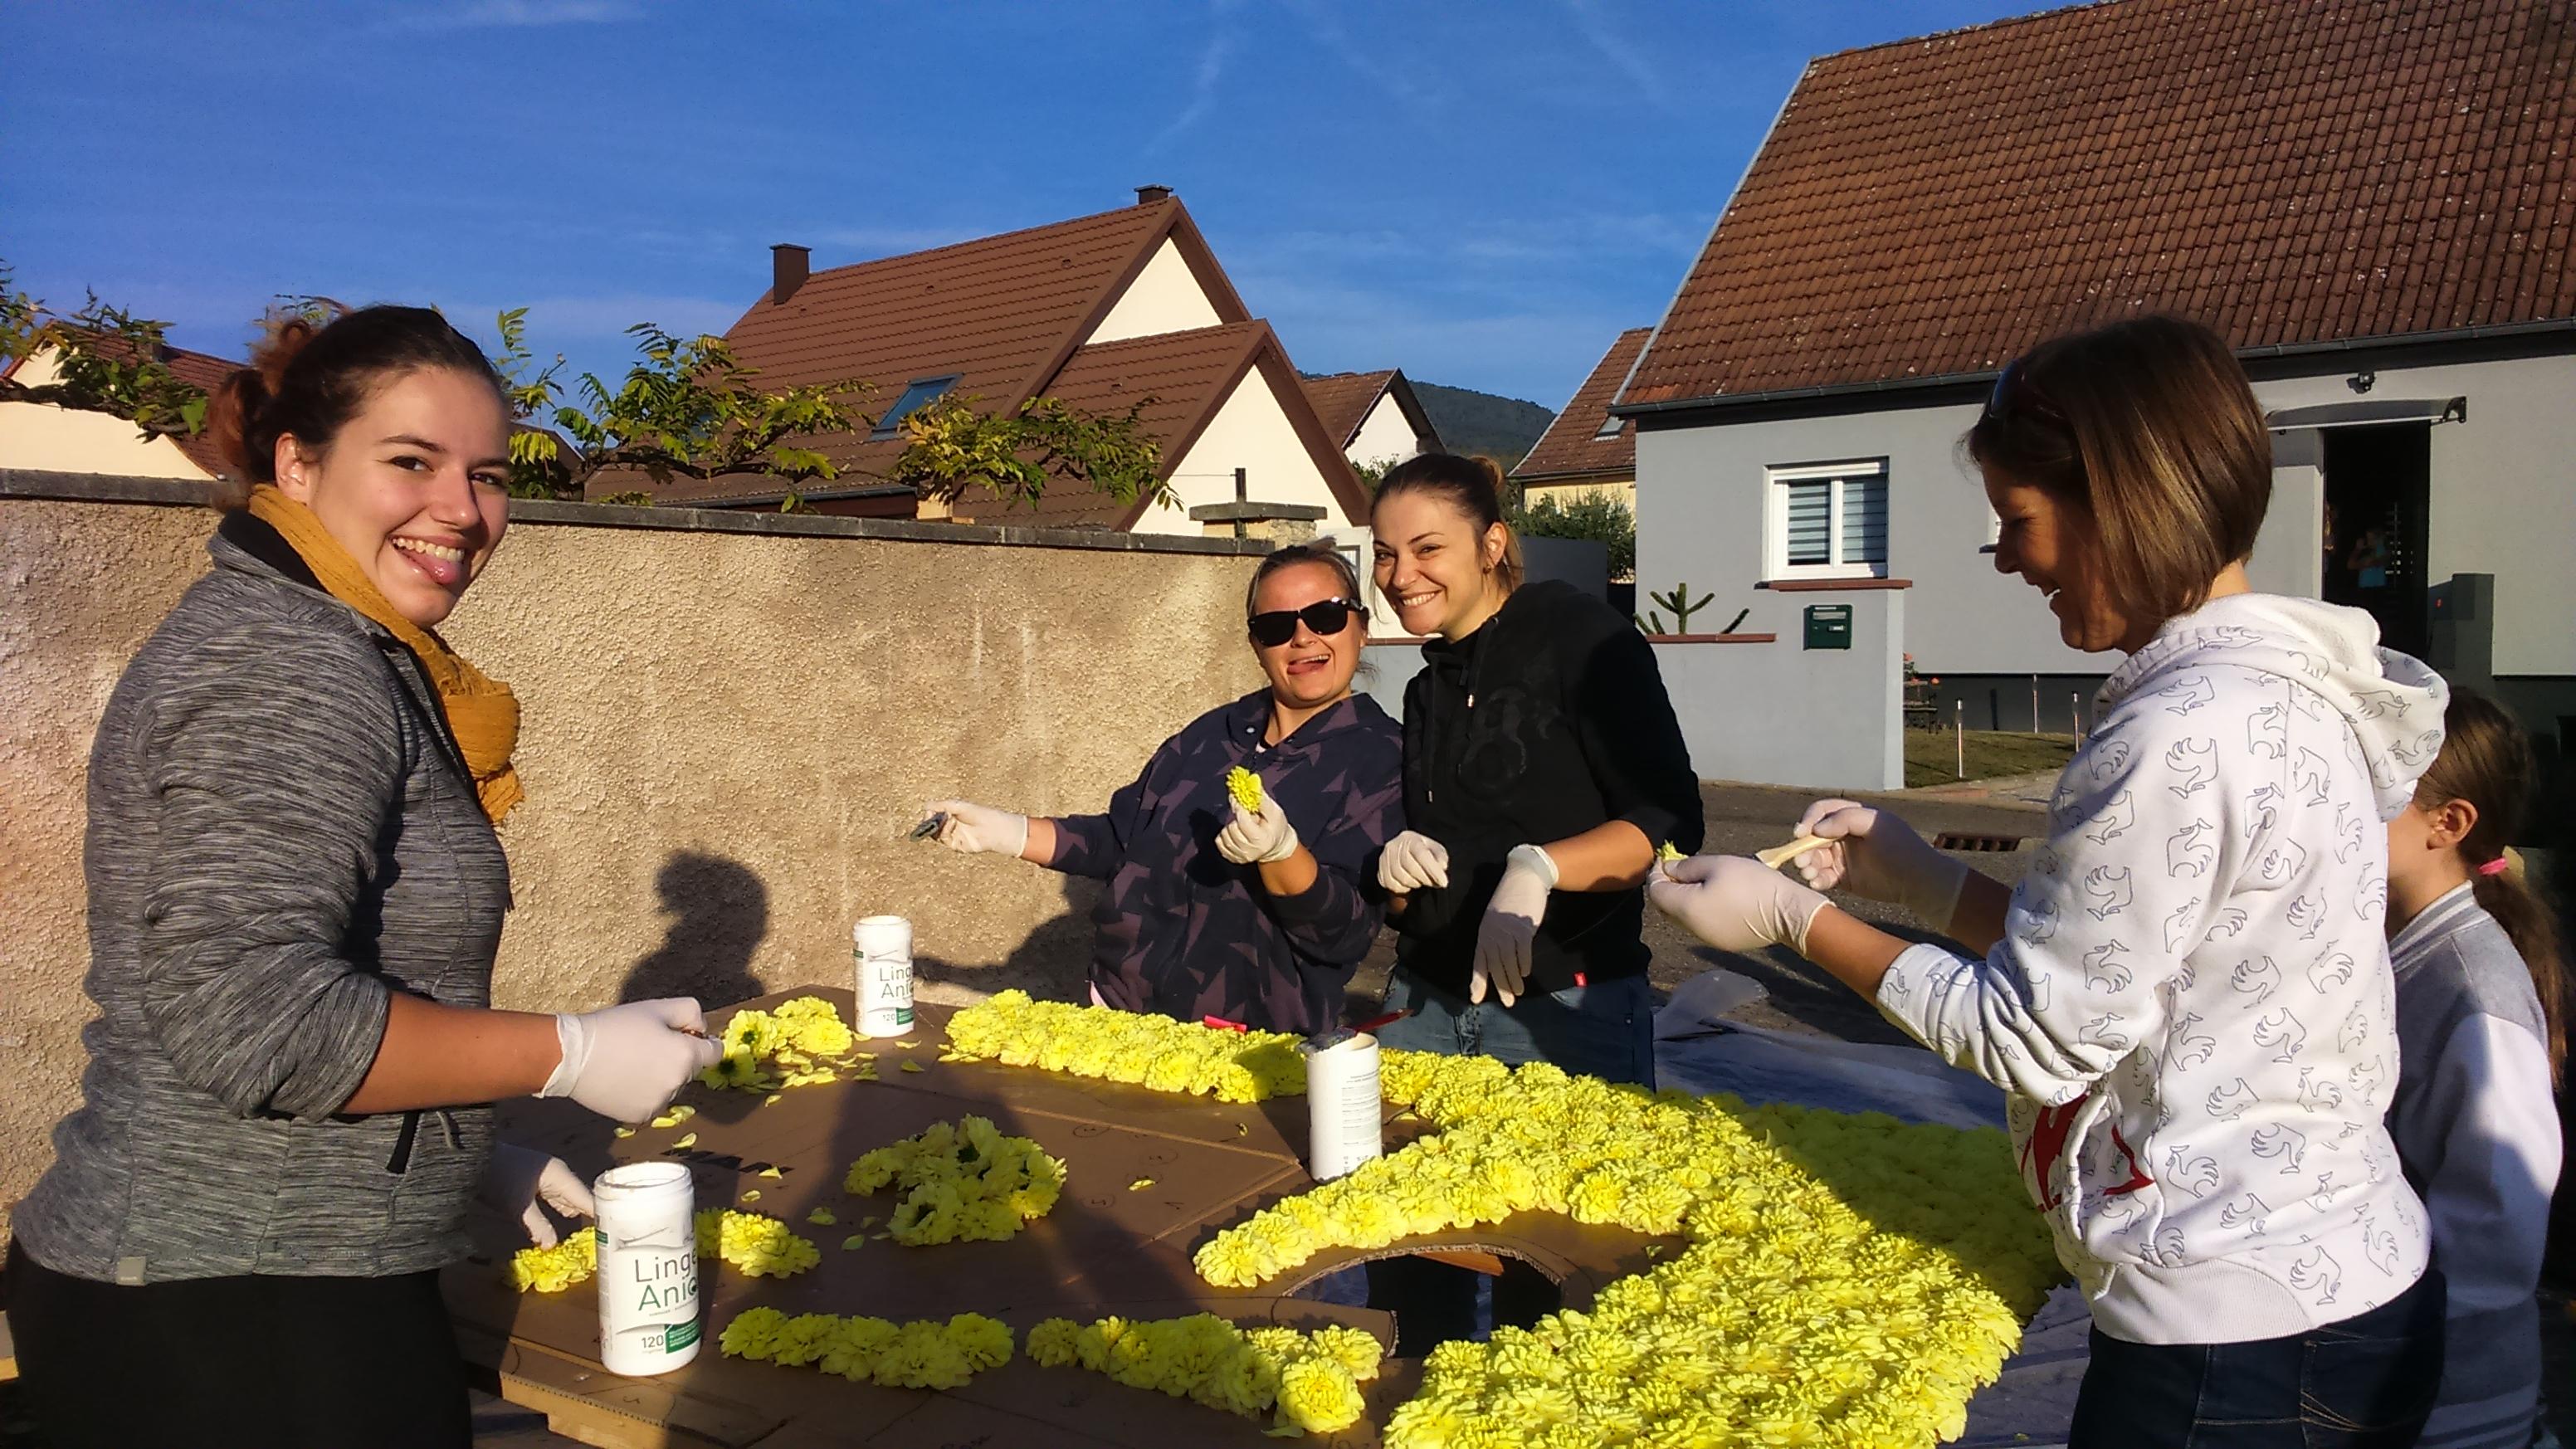 Fete des vendanges Barr - 2018 - préparation du panneau fleuri